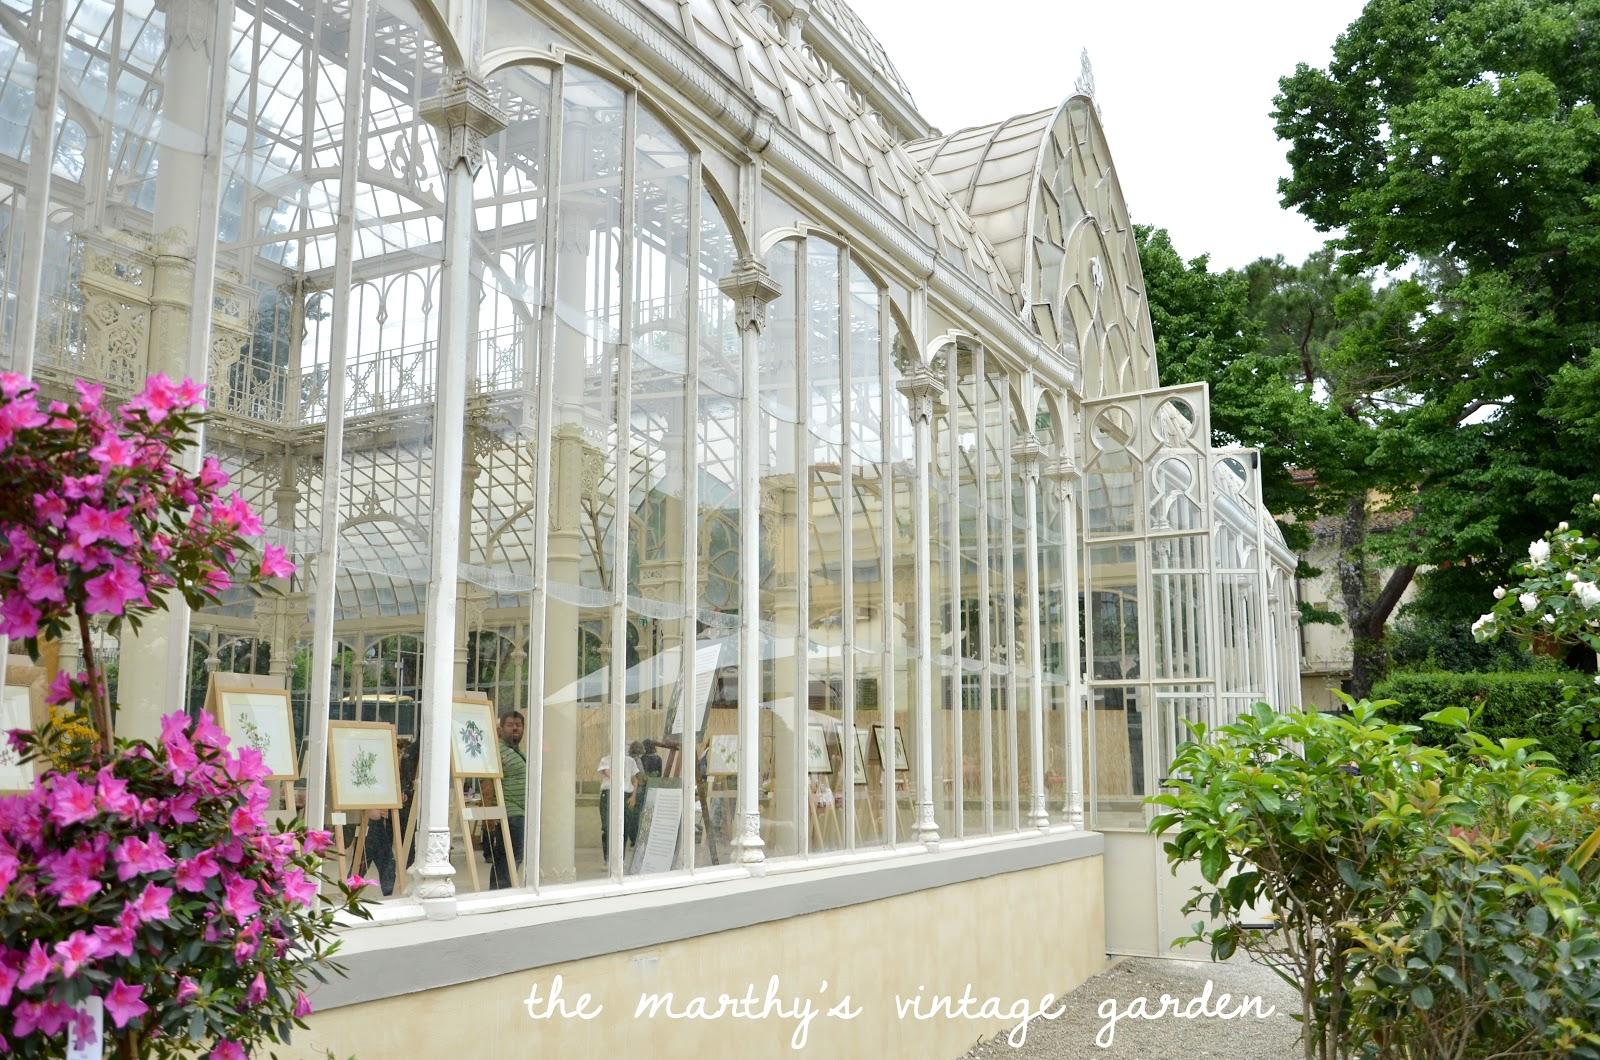 The marthy 39 s vintage garden il giardino dell 39 orticoltura for Giardino orticoltura firenze aperitivo